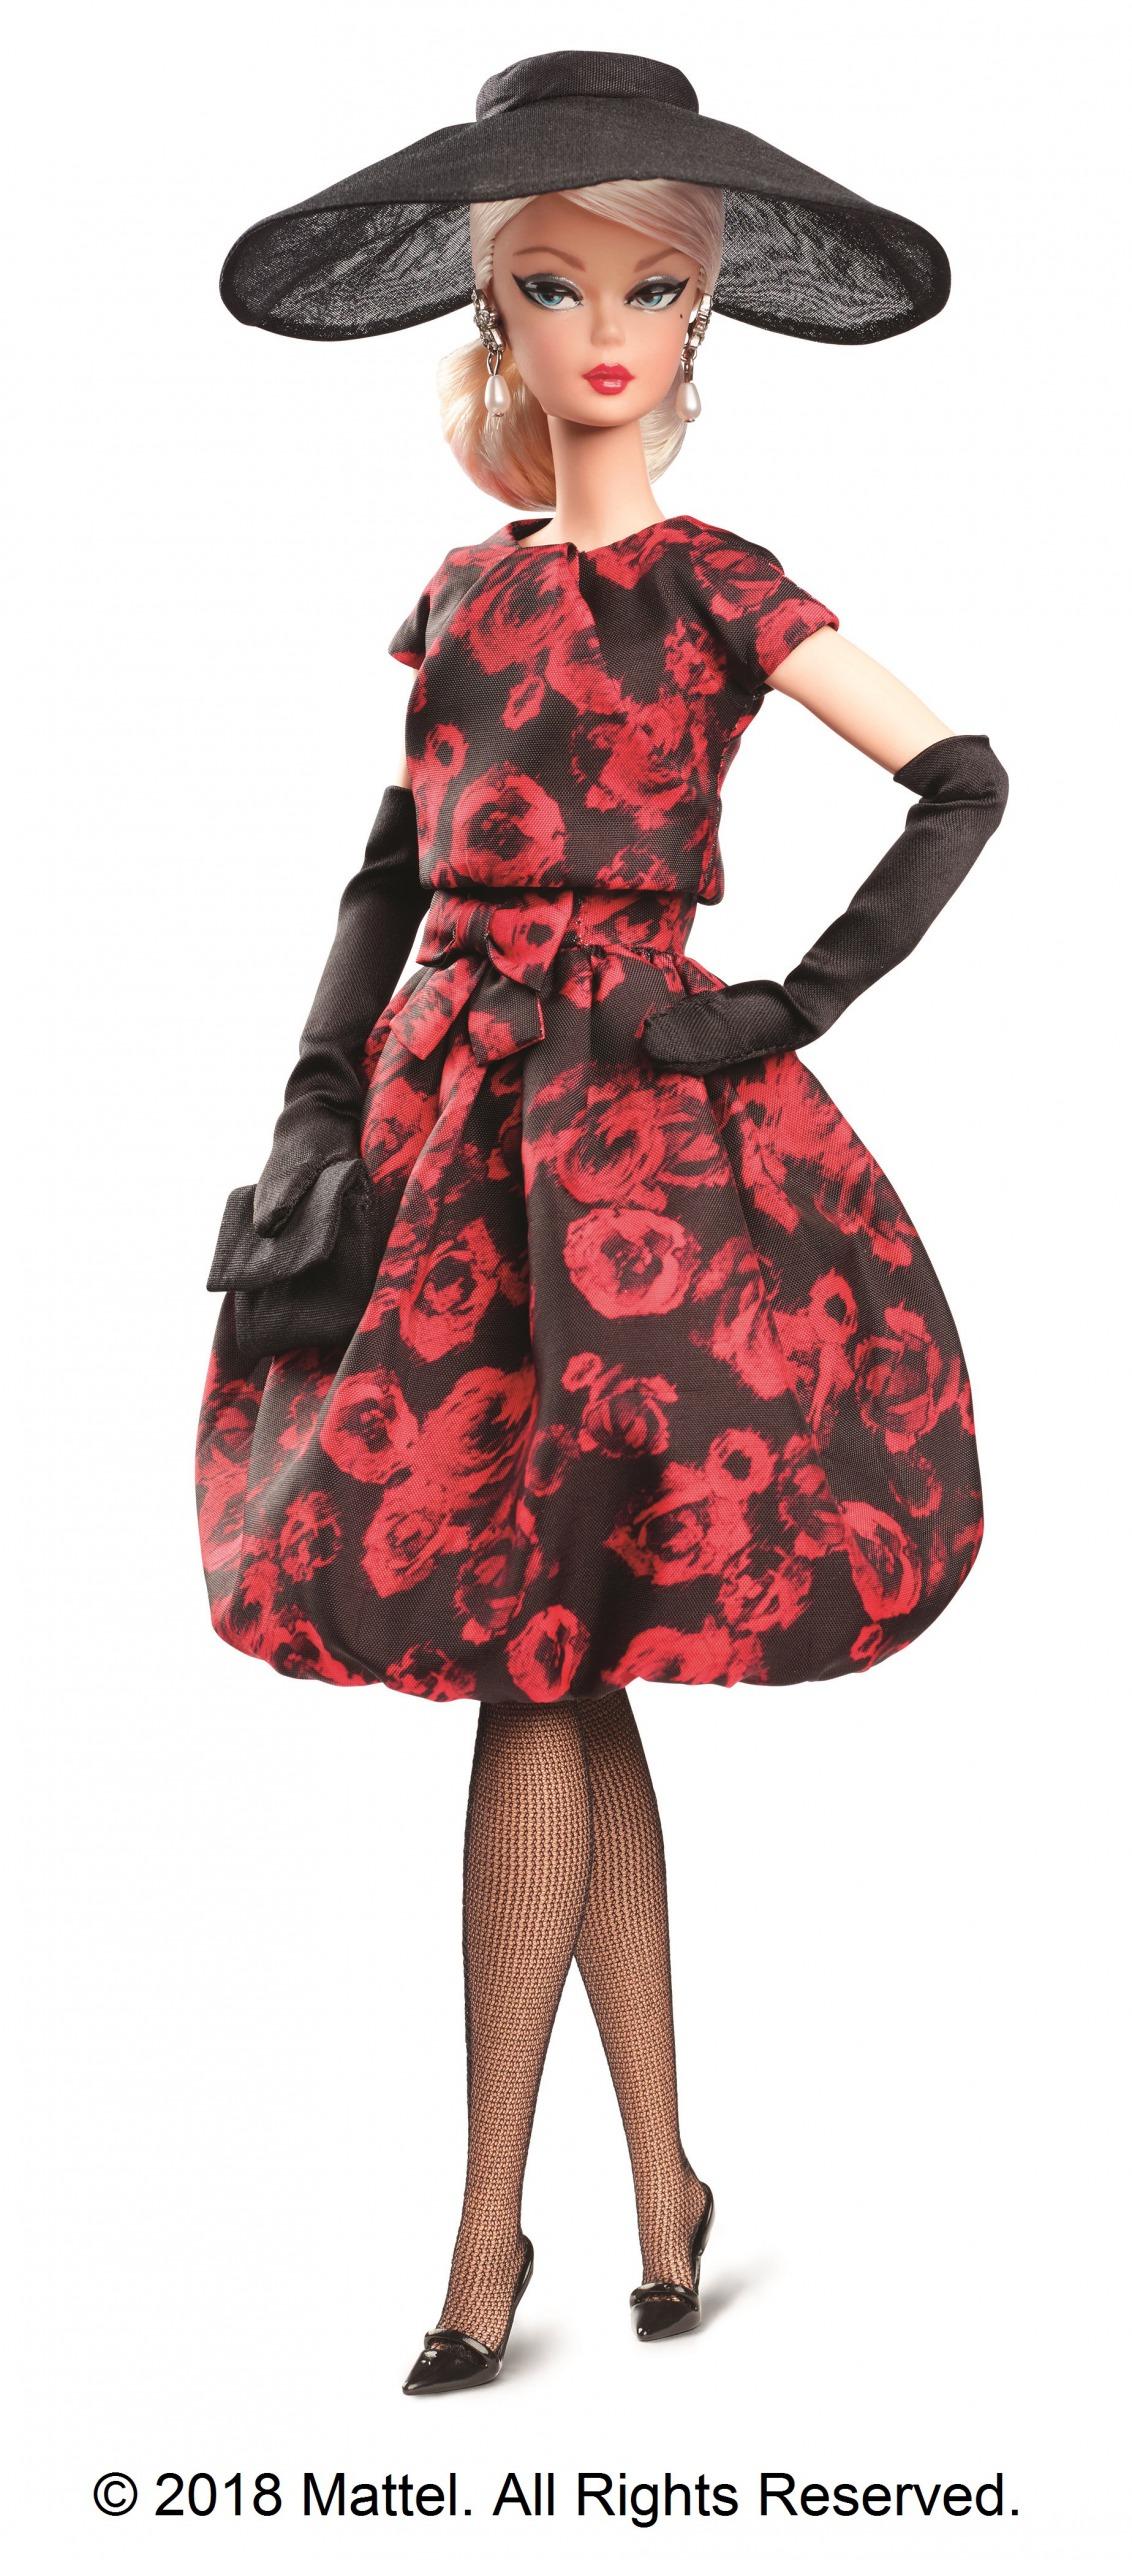 世界2万体以下の限定バービー「ファッション・モデル・コレクション エレガントローズ・カクテルドレス」です。素材にはシルクストーンを使用。独特の質感で仕上がったこだわりのドールになっています。